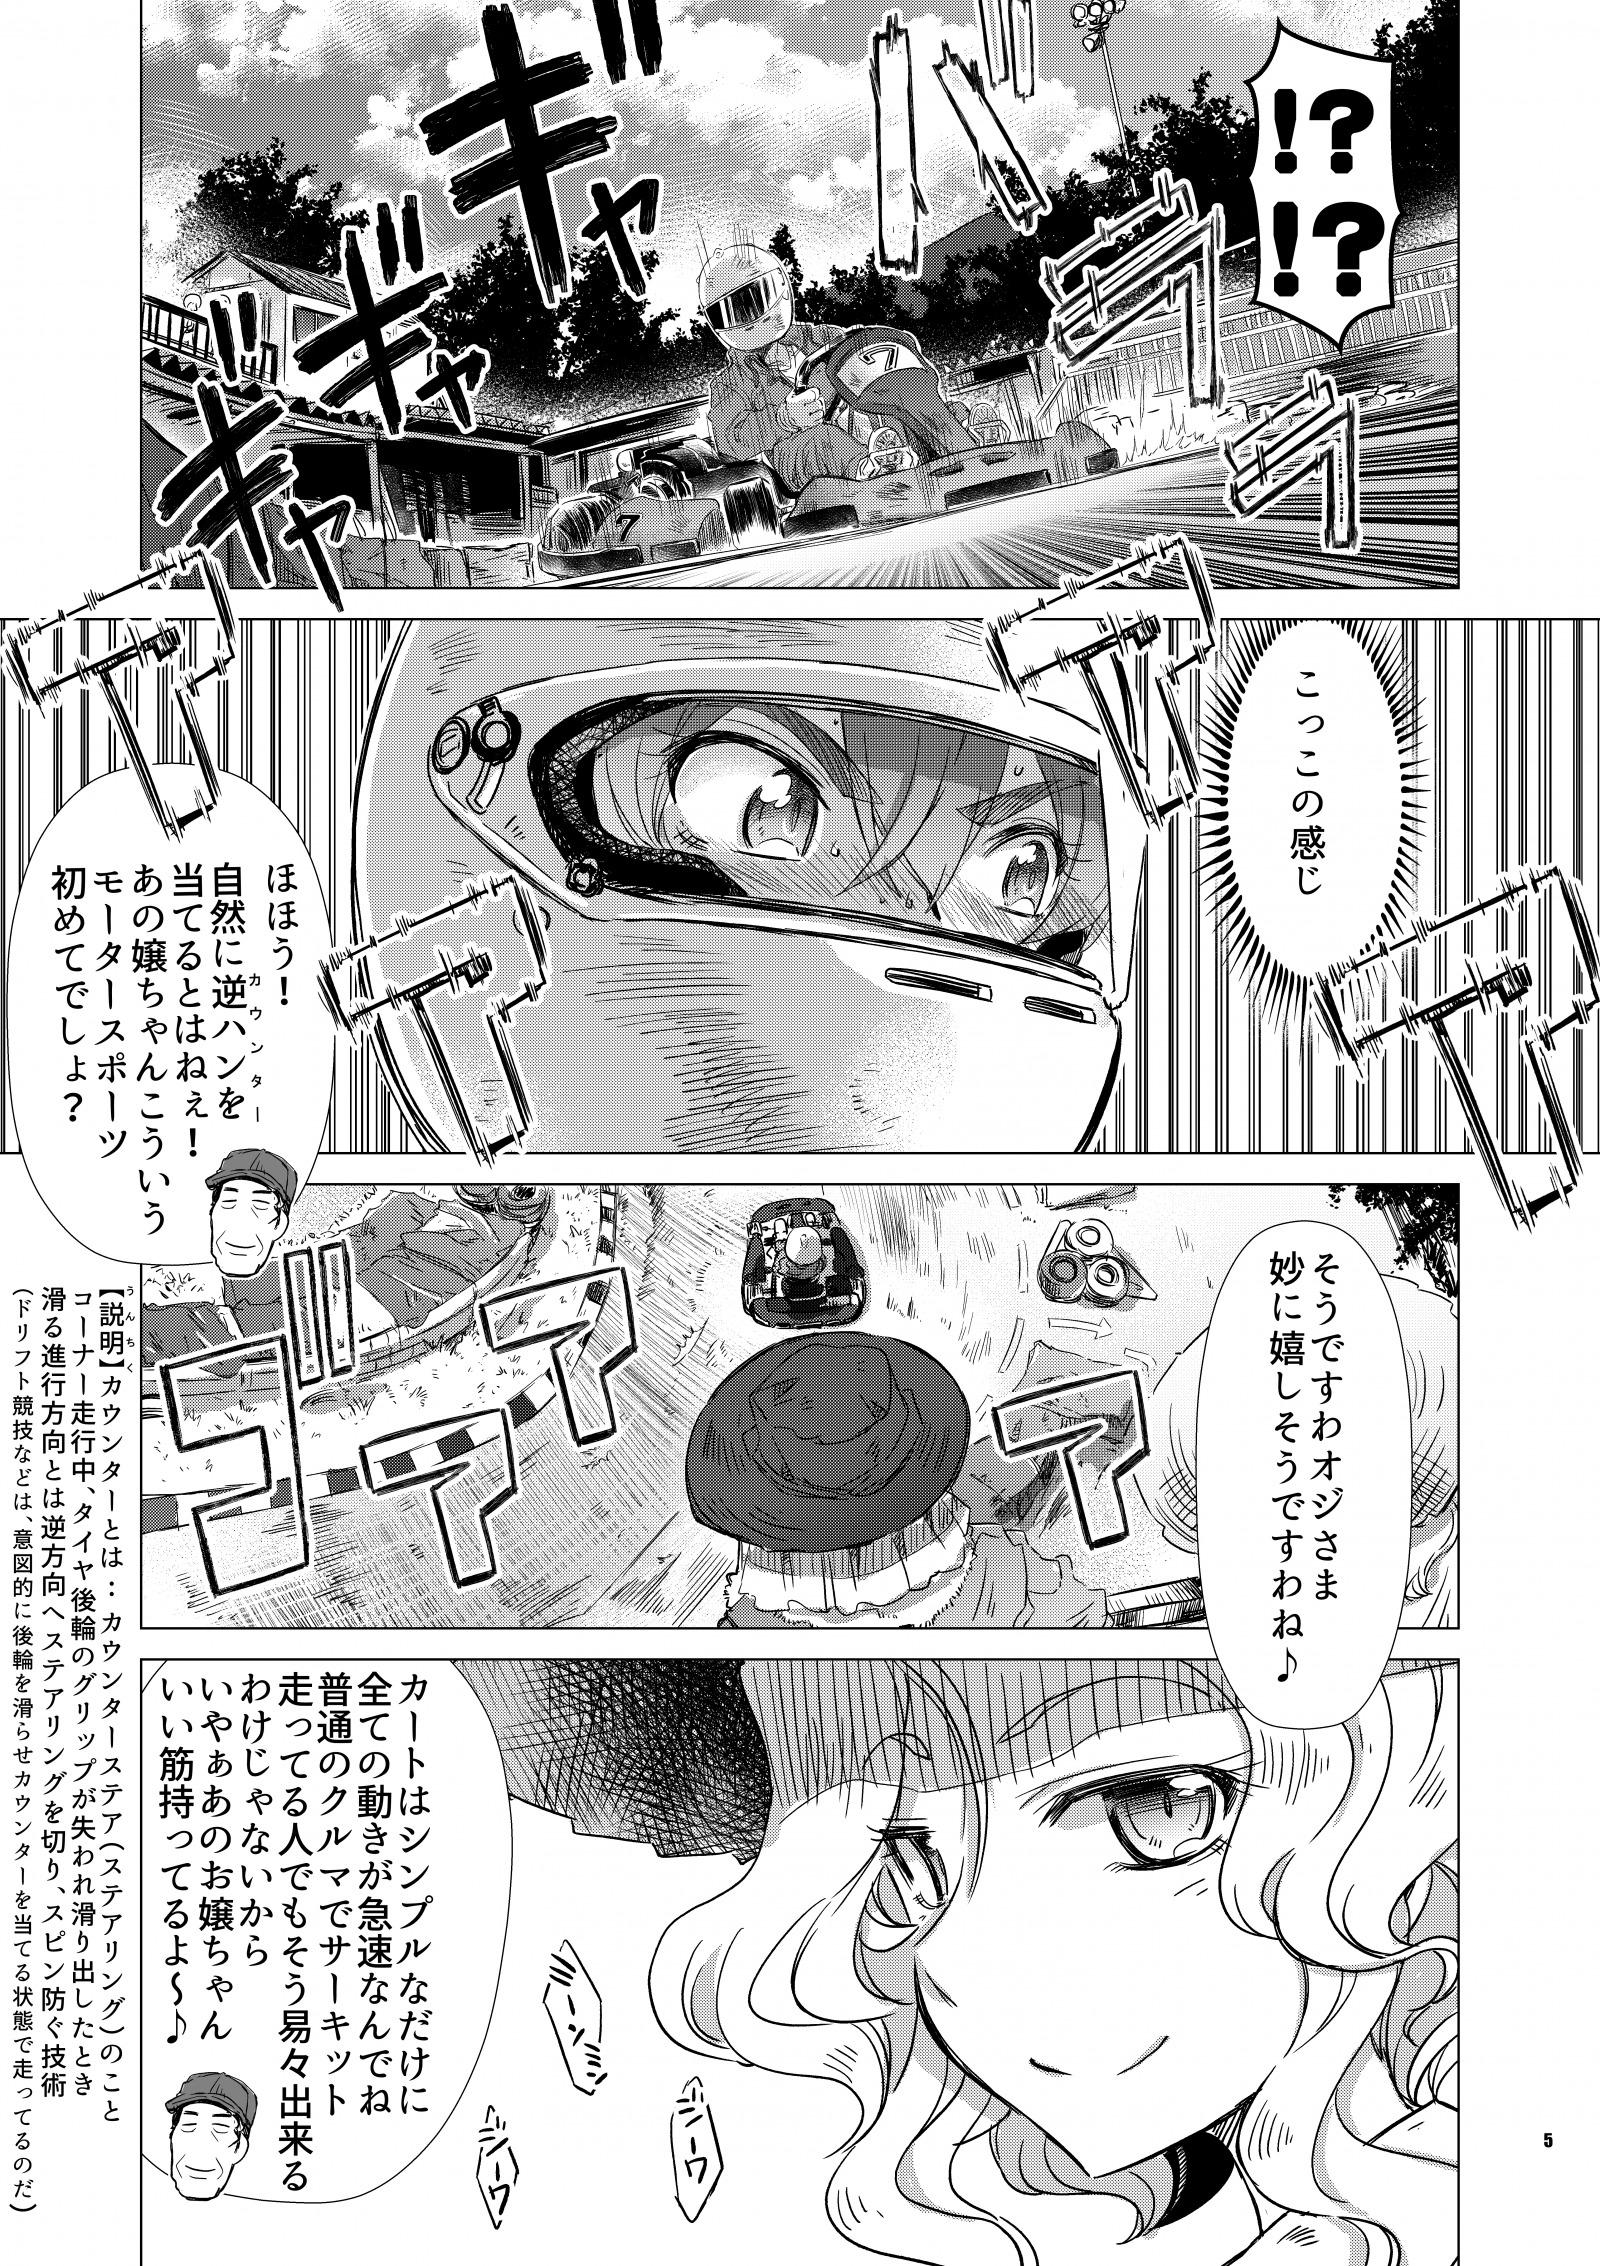 Naname! vol004_005